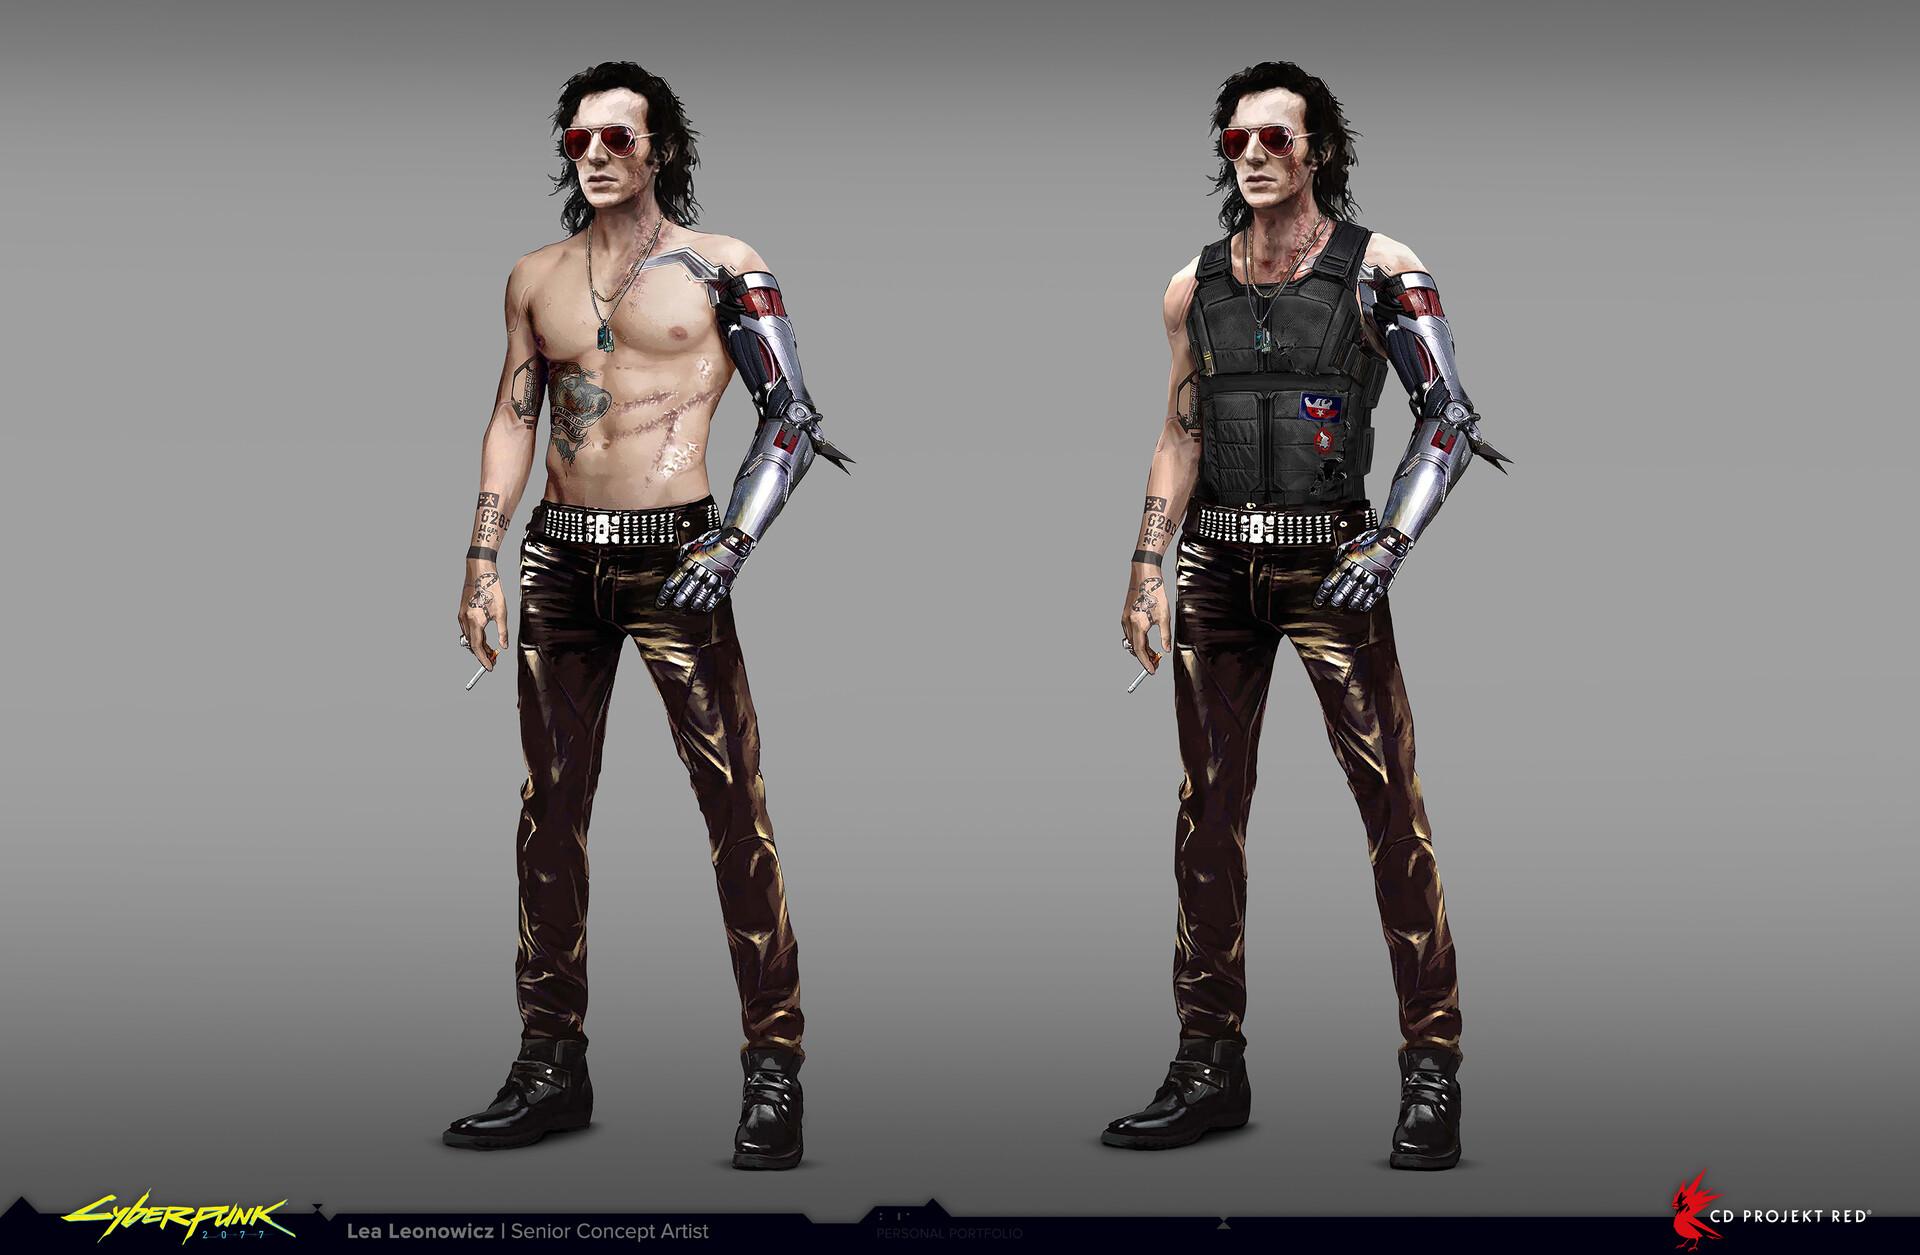 Artes conceituais mostram como seria Johnny Silverhand antes de ser Keanu Reeves